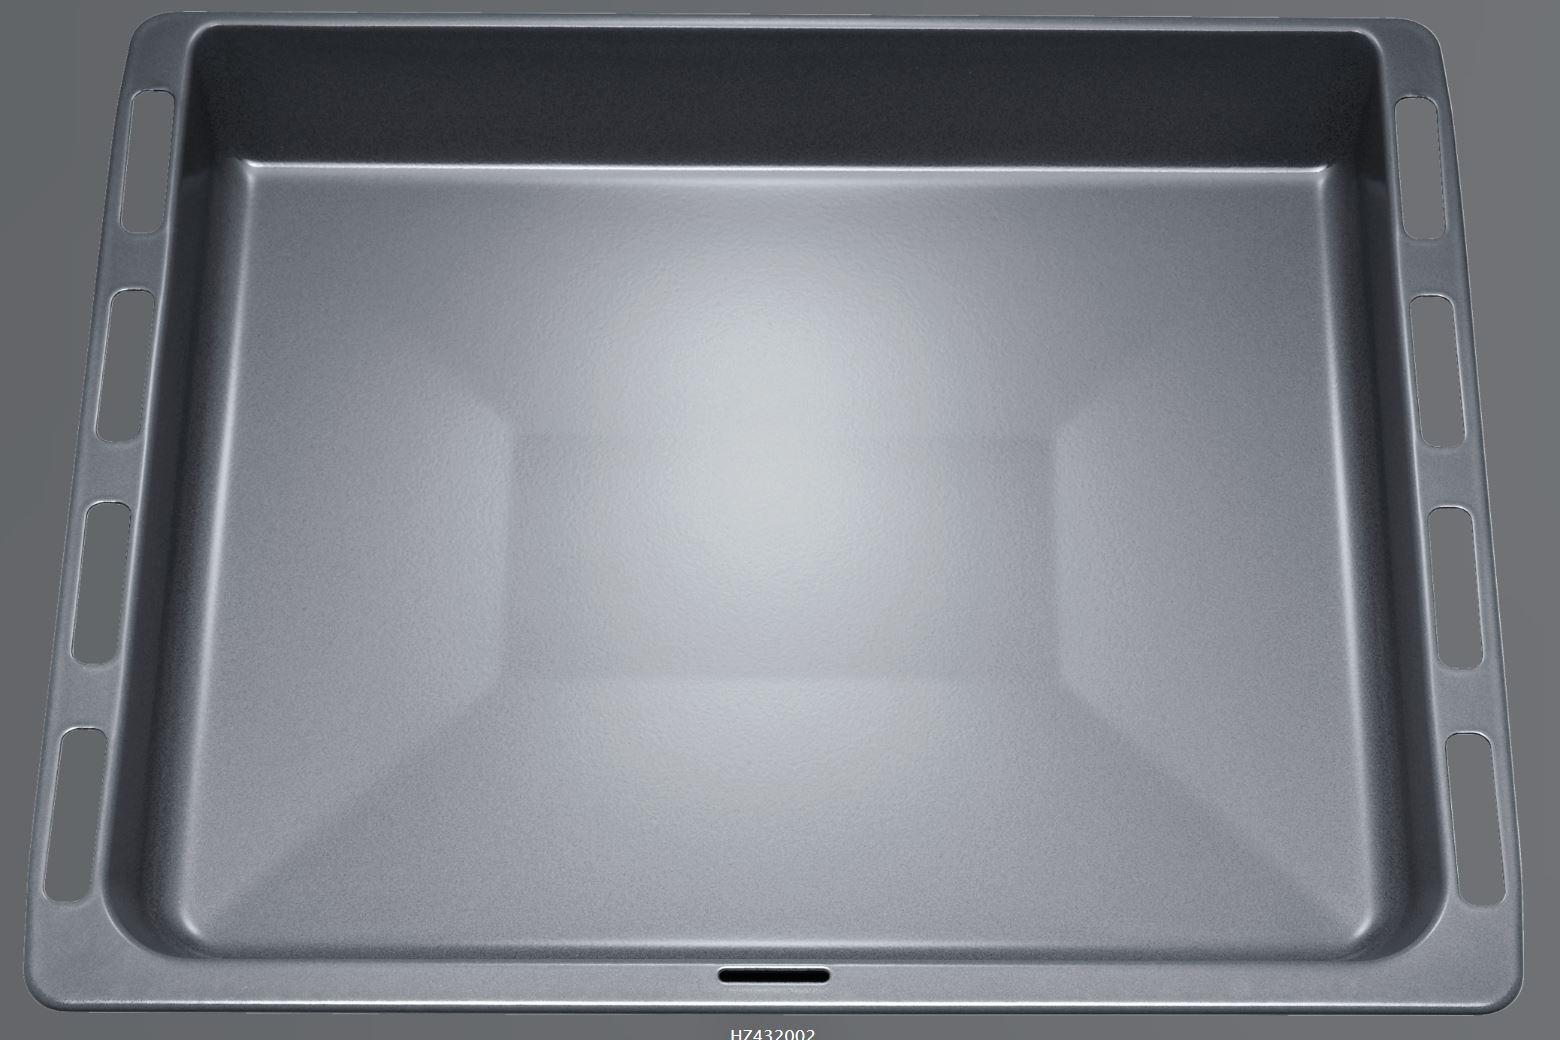 Siemens HZ432002 Universalpfanne